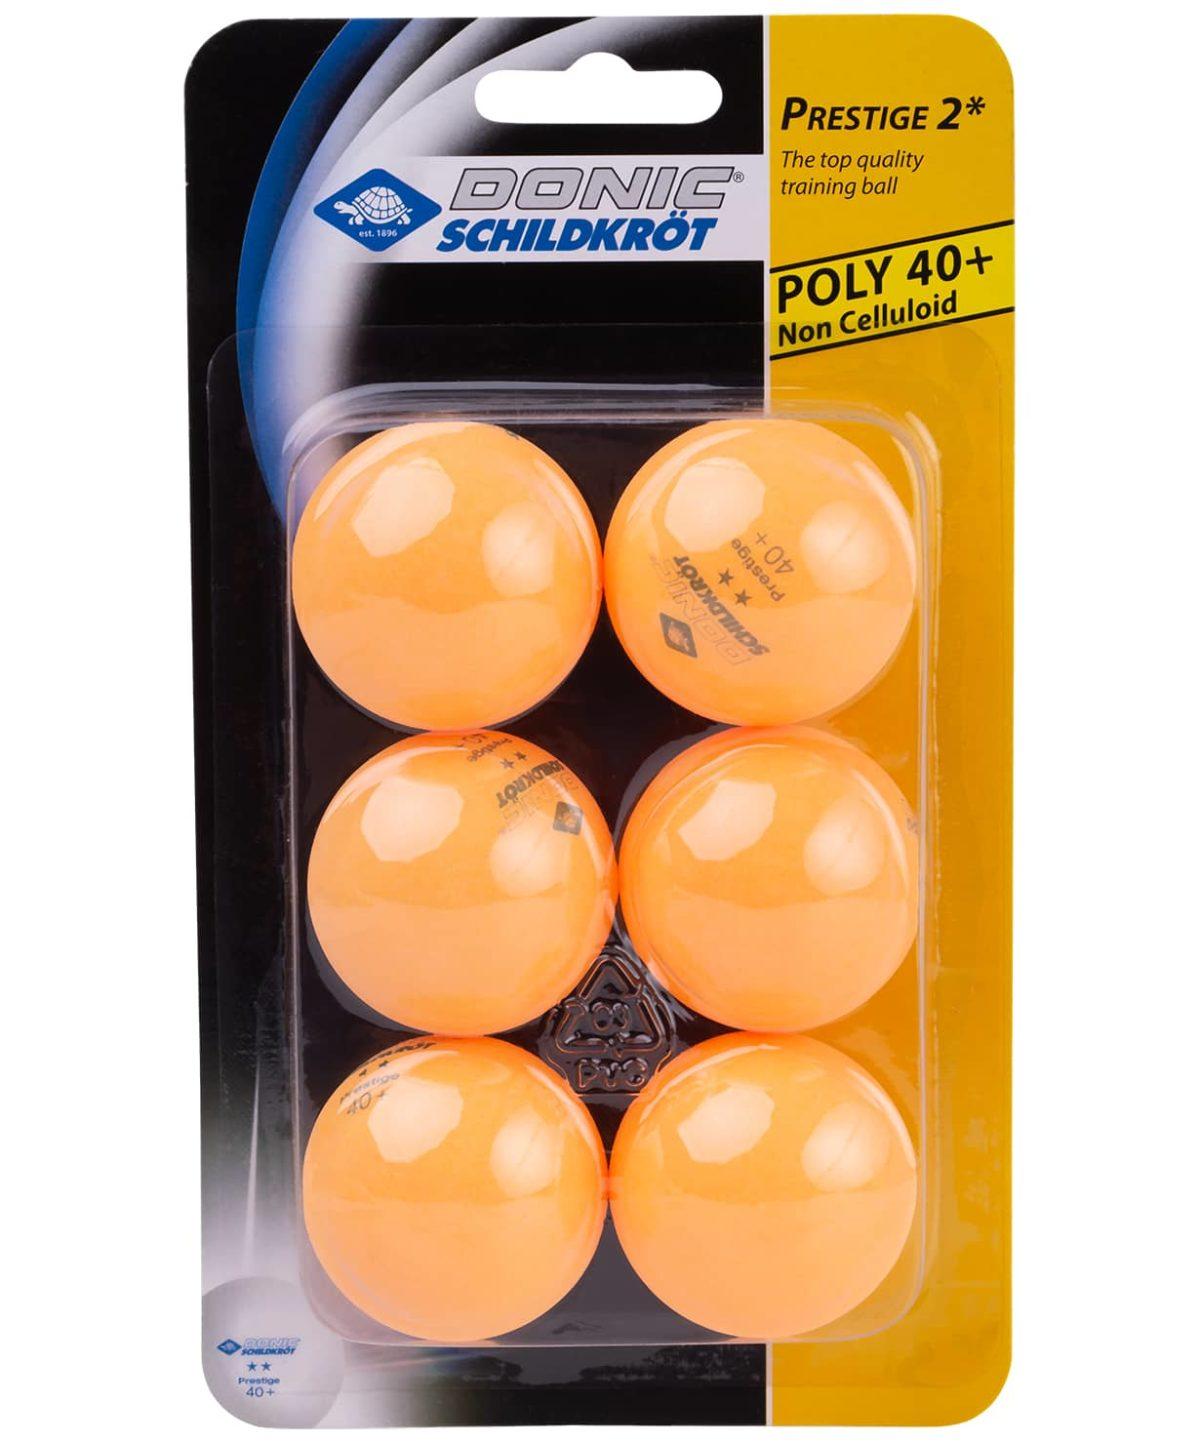 DONIC Schildkrot 2* Prestige Мяч для настольного тенниса  15343 - 1